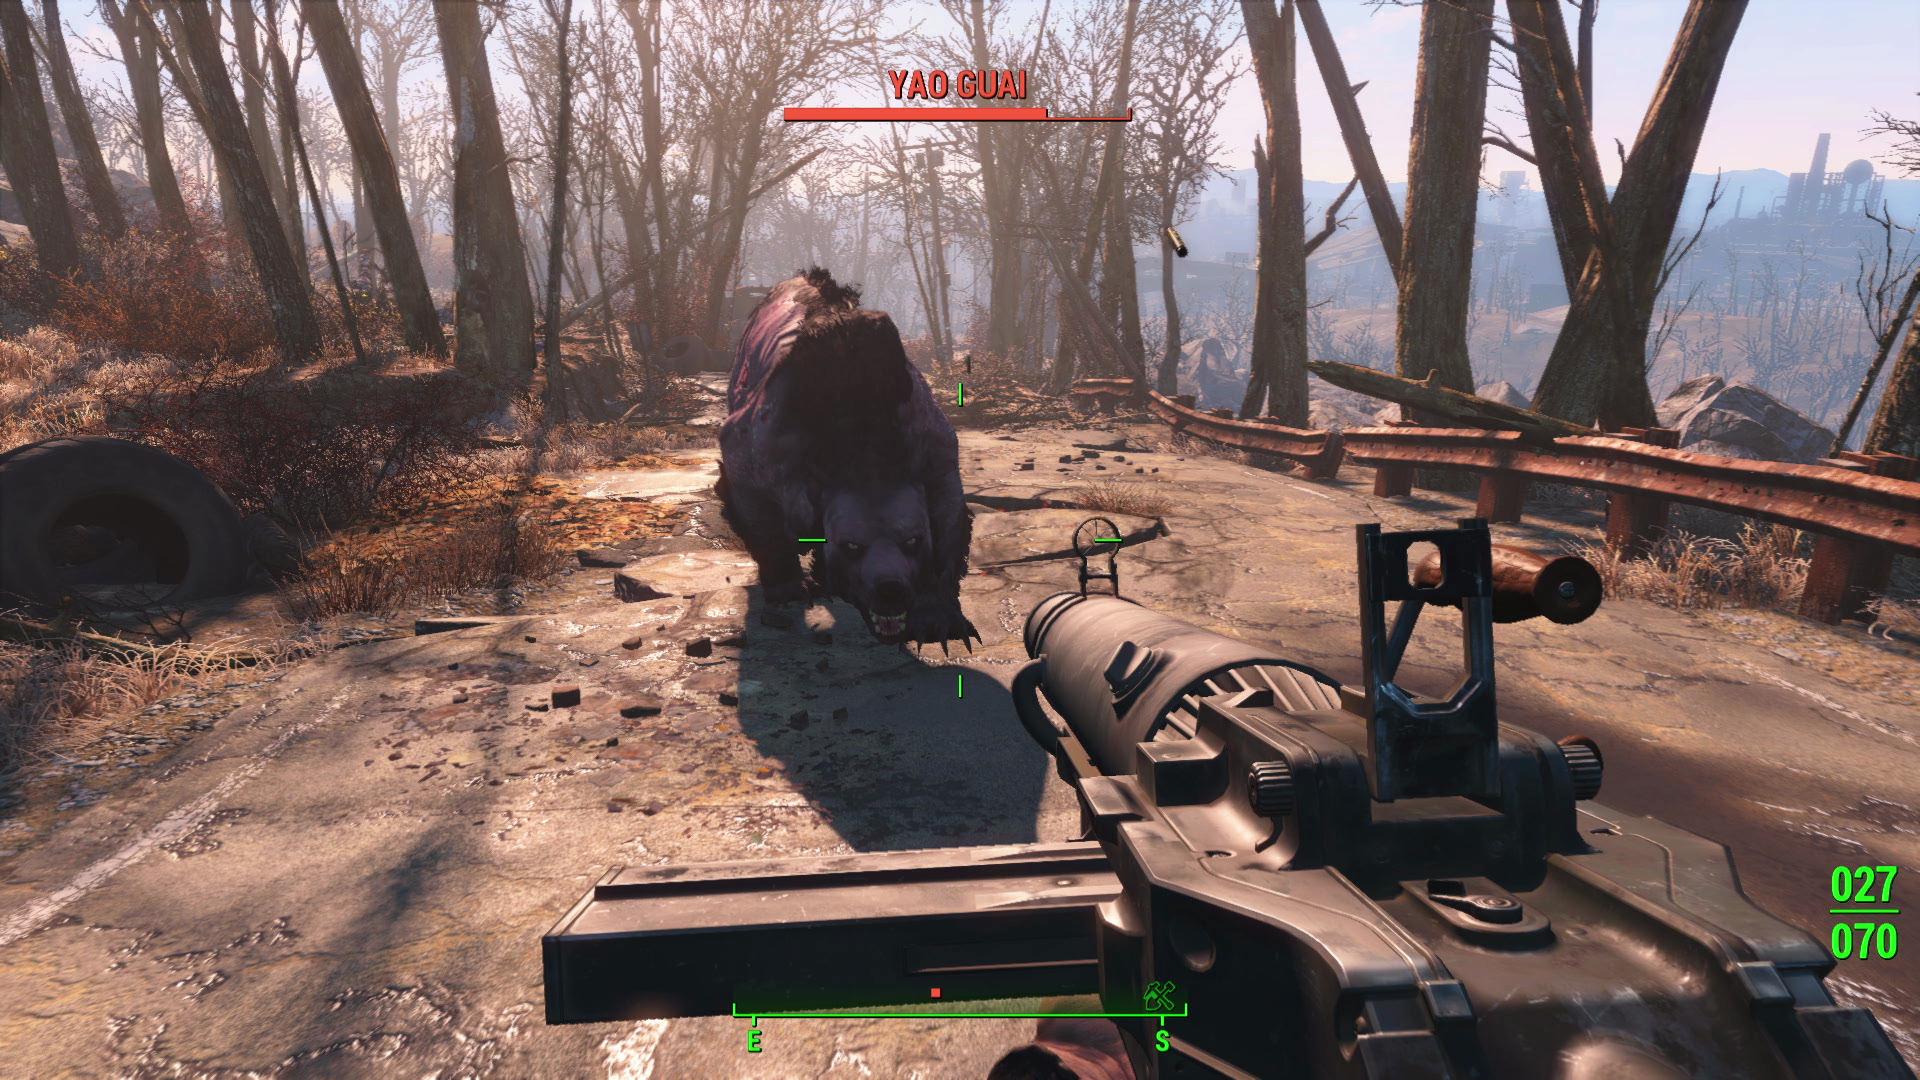 Fallout4_E3_YaoGuai_1434324028